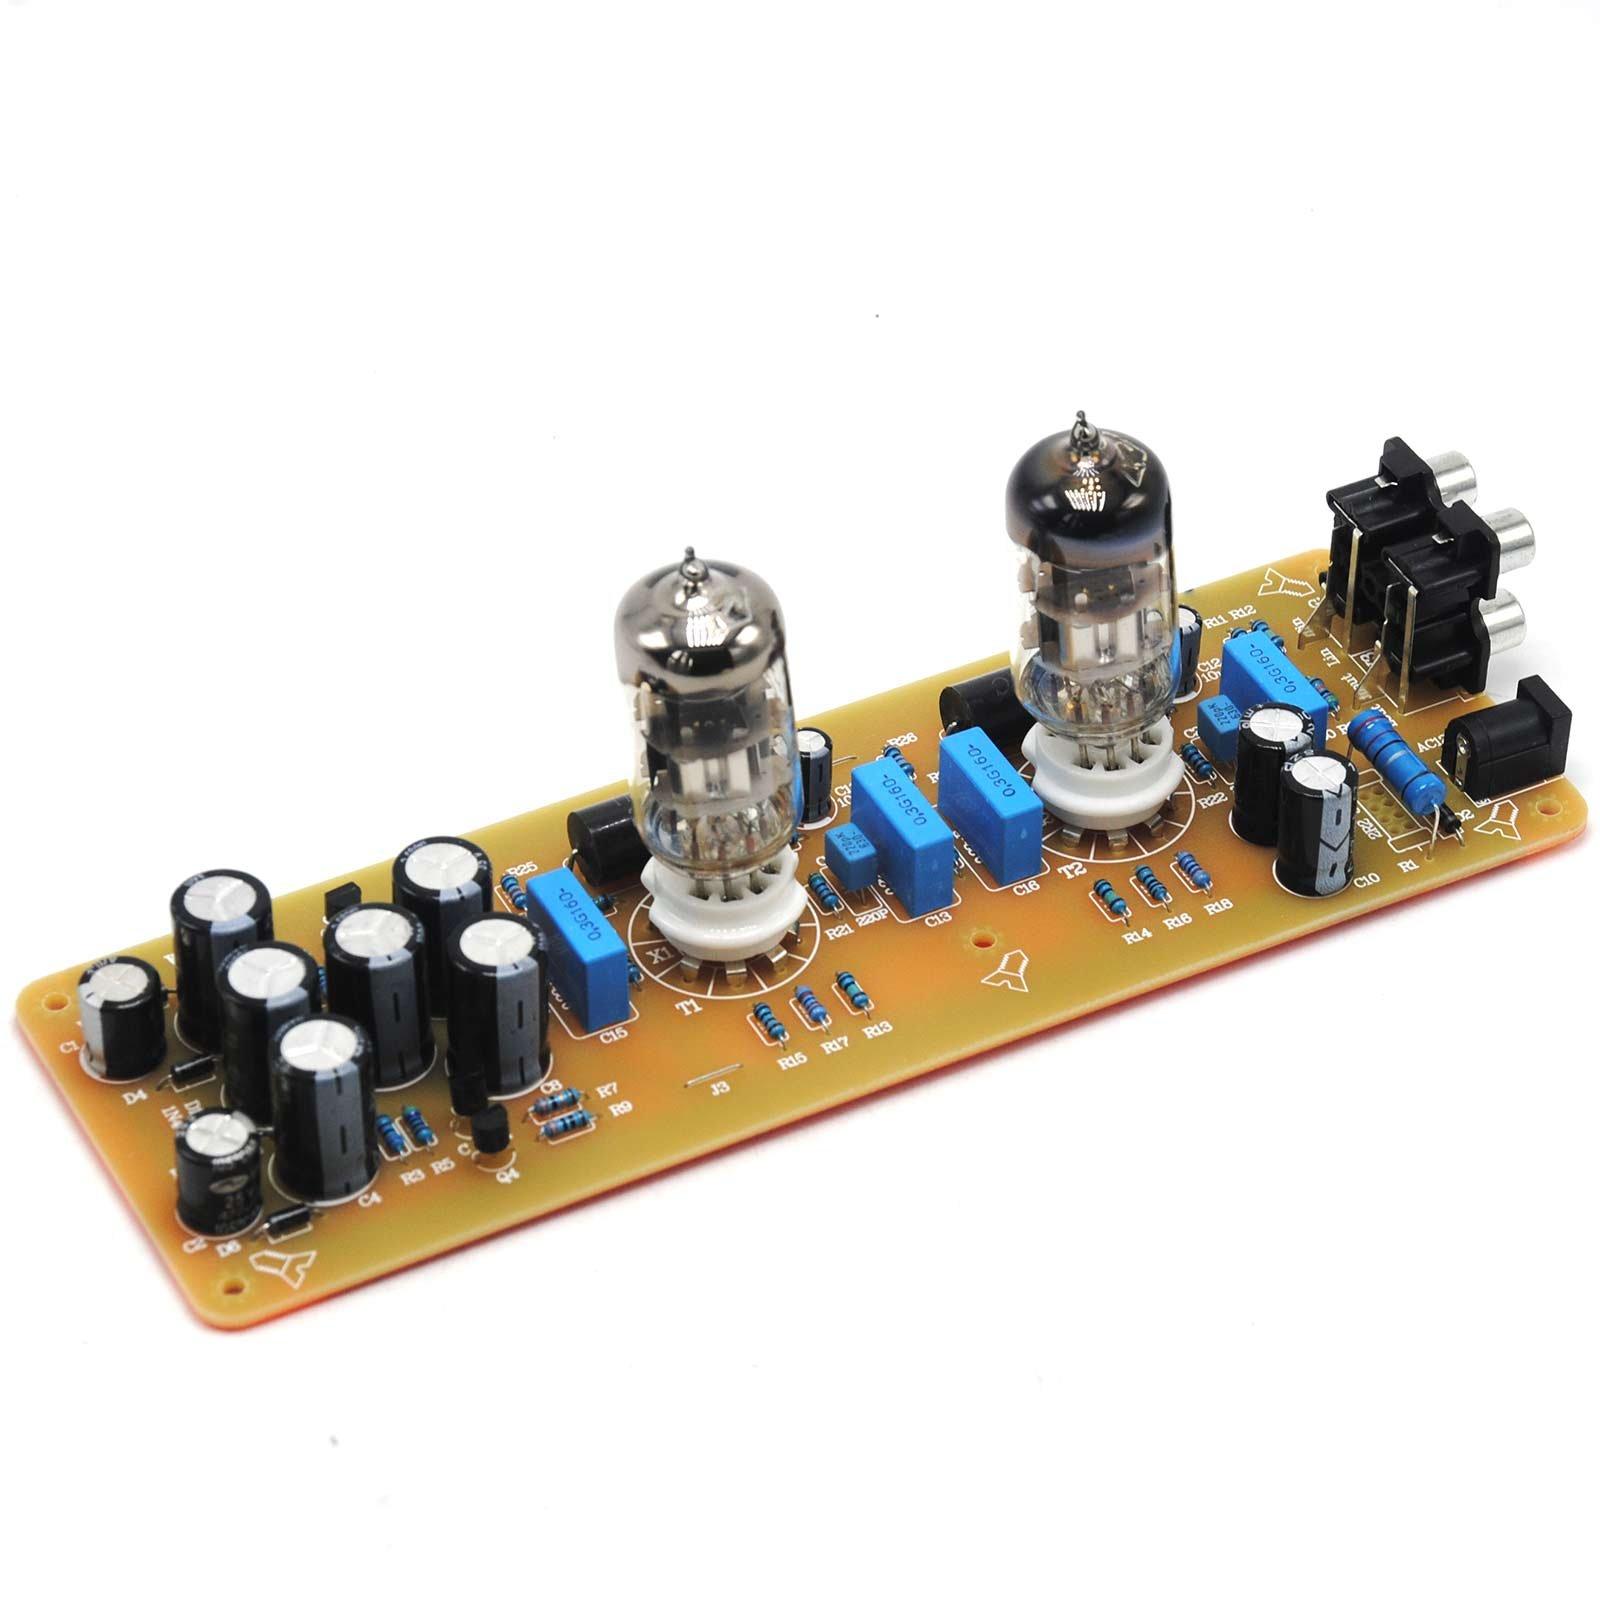 X-10D Musical Fidelity 6N11 Tube Buffer Pre-amplifier Board by Jolooyo